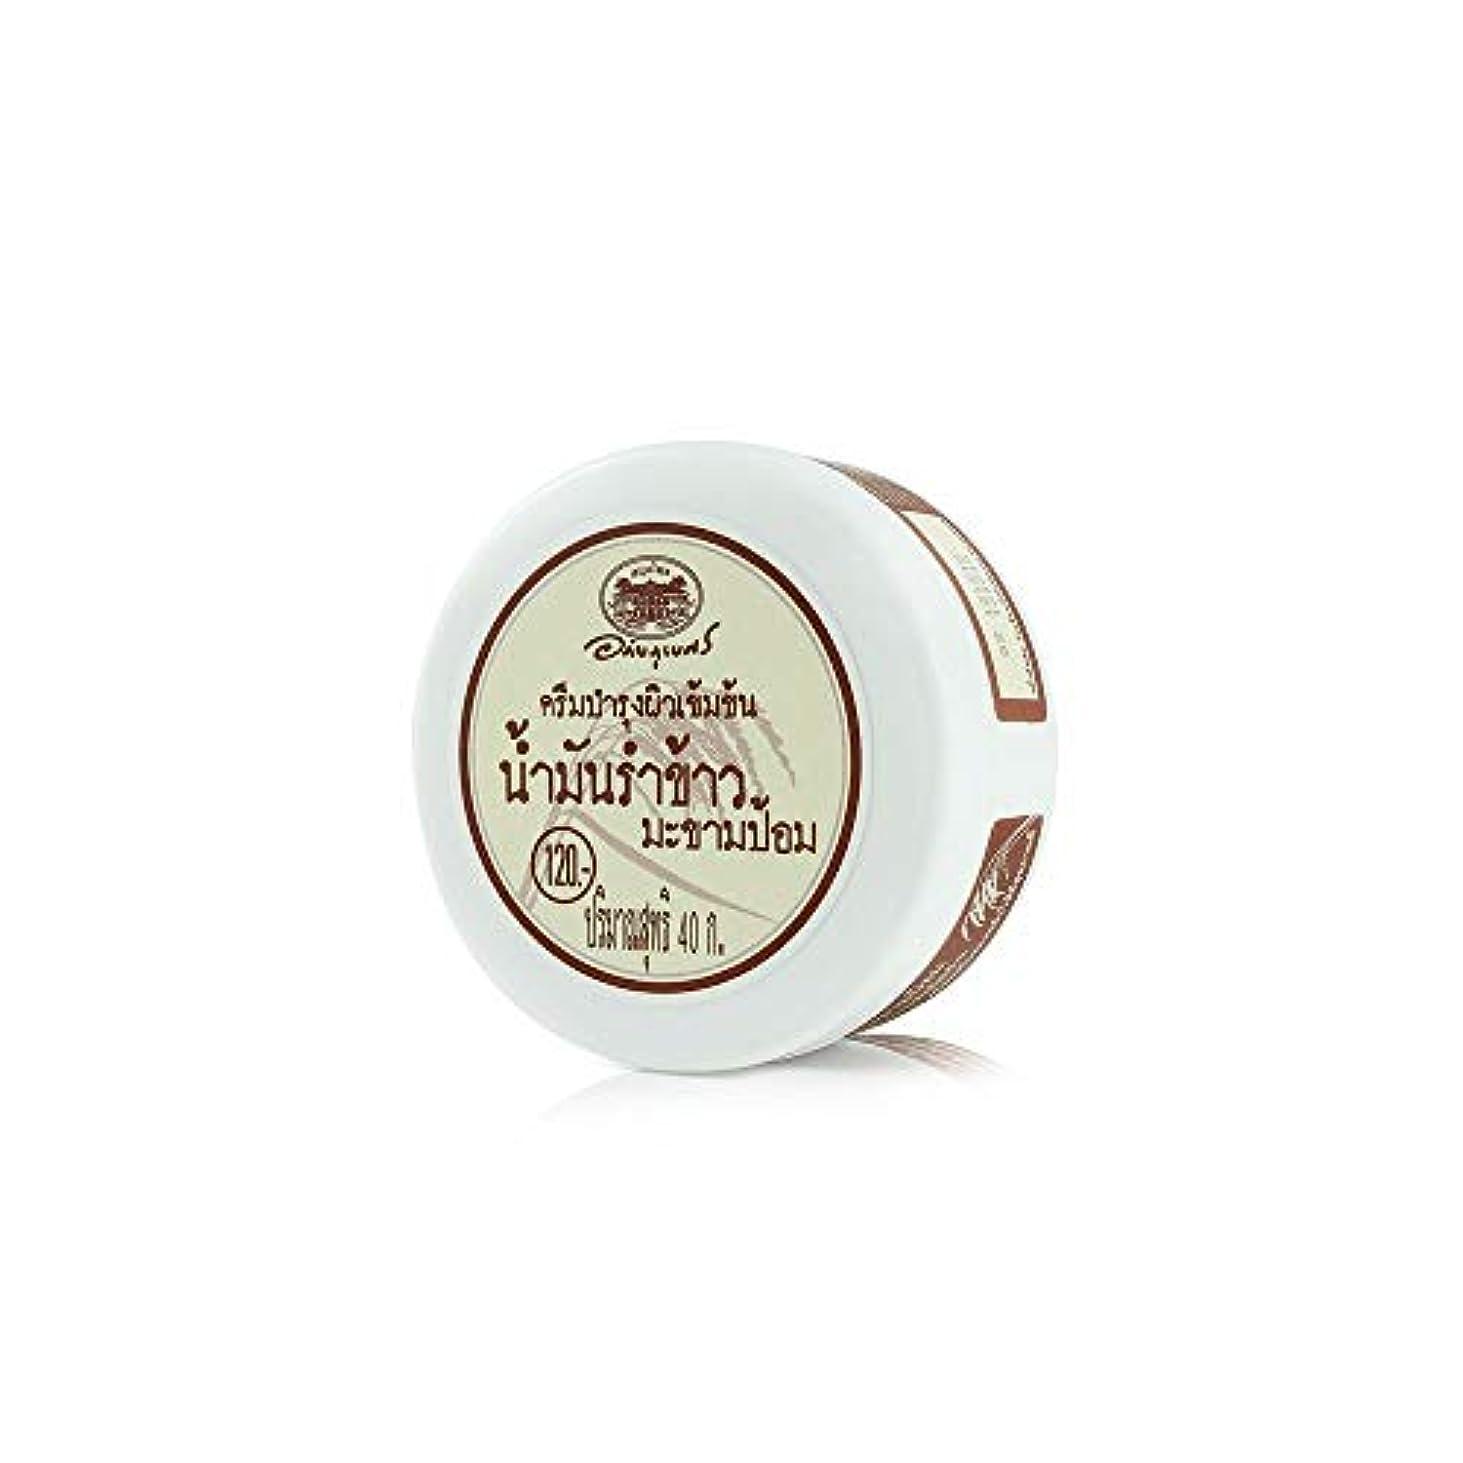 属性内訳生むAbhaibhubejhr Rice Bran Oil Plus Tamarind Extract Herbal Body Cream 40g. Abhaibhubejhrライスブランオイルプラスタマリンドエクストラクトハーブボディクリーム...